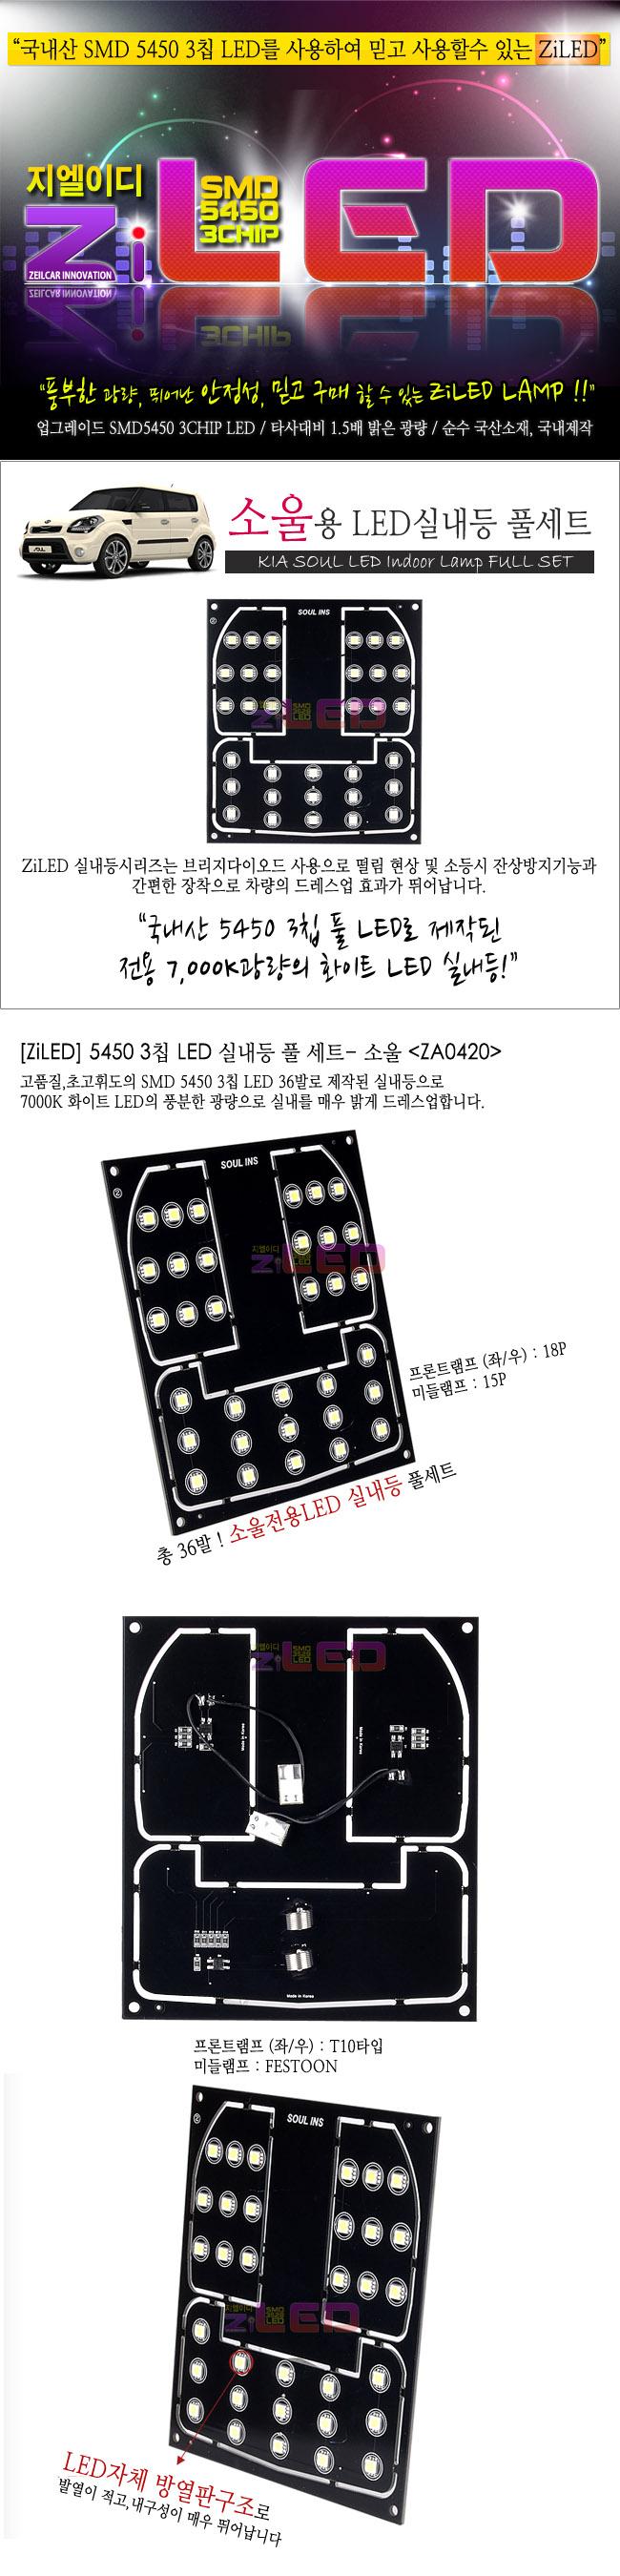 [ZiLED] LED실내등 SMD 5450 3칩 풀세트 _ 소울 [ZA0420]